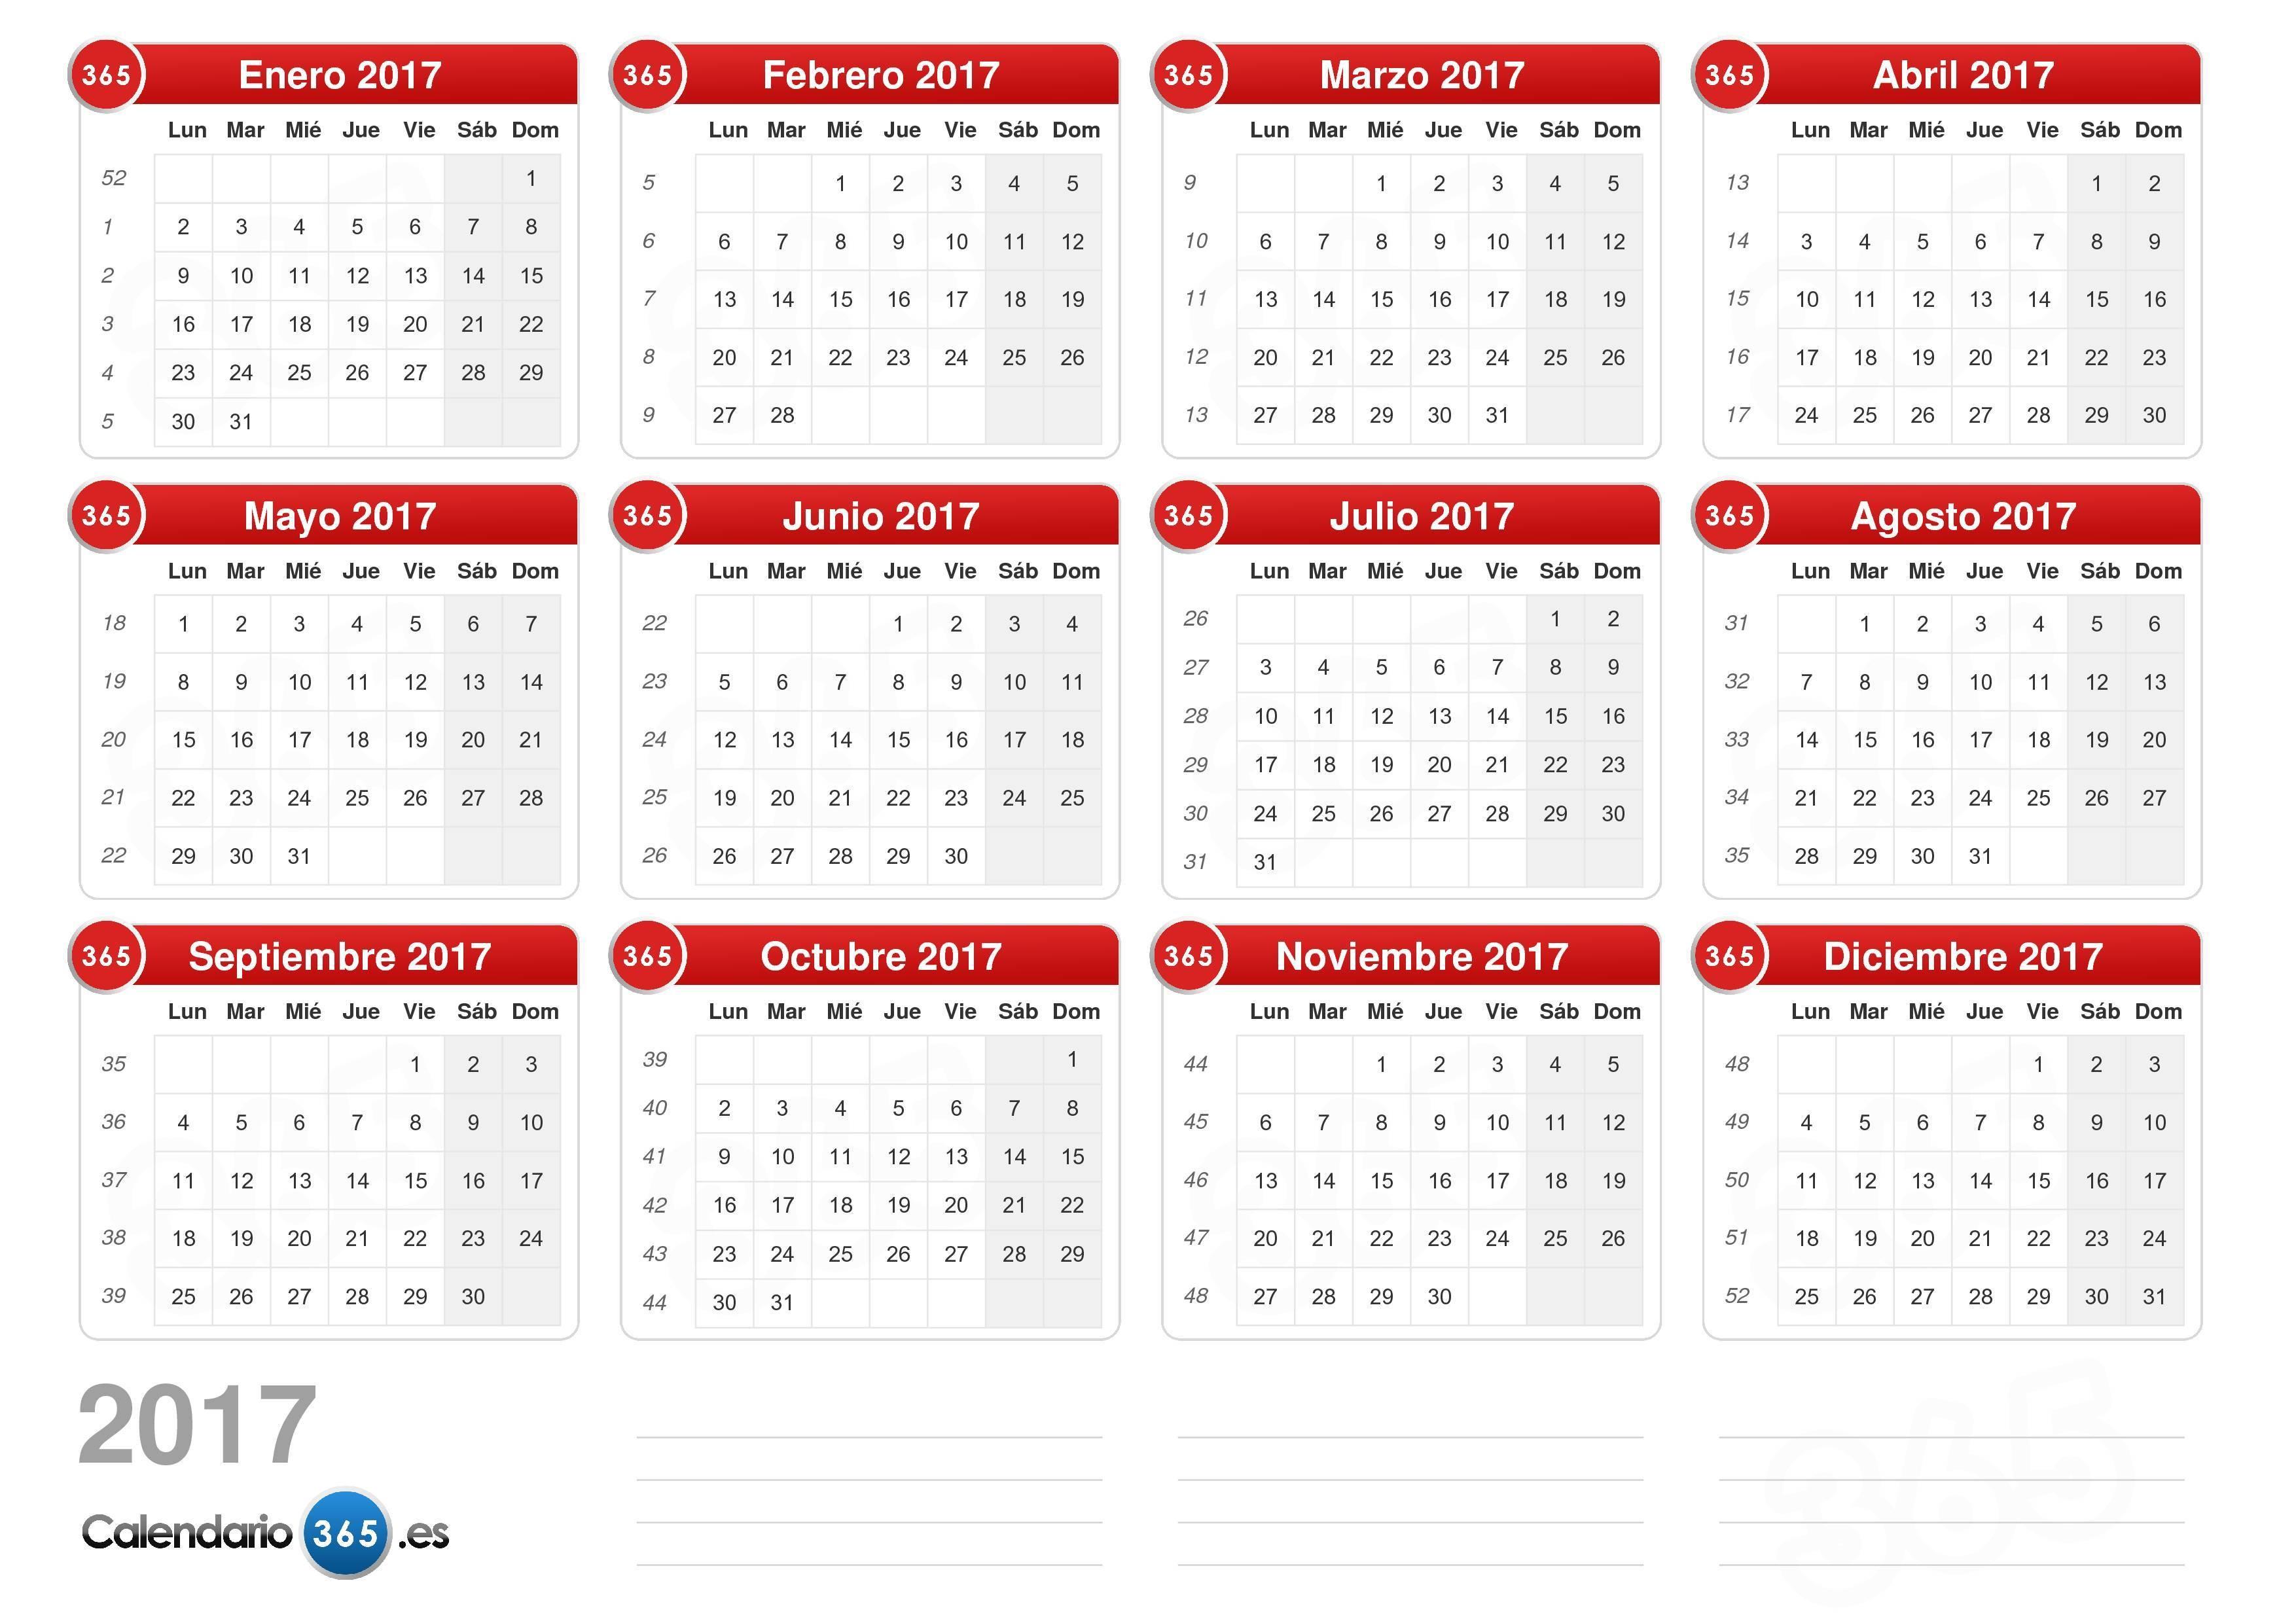 Calendario Lunar Febrero 2019 Argentina Más Arriba-a-fecha Calendario 2017 Of Calendario Lunar Febrero 2019 Argentina Más Reciente Carteles